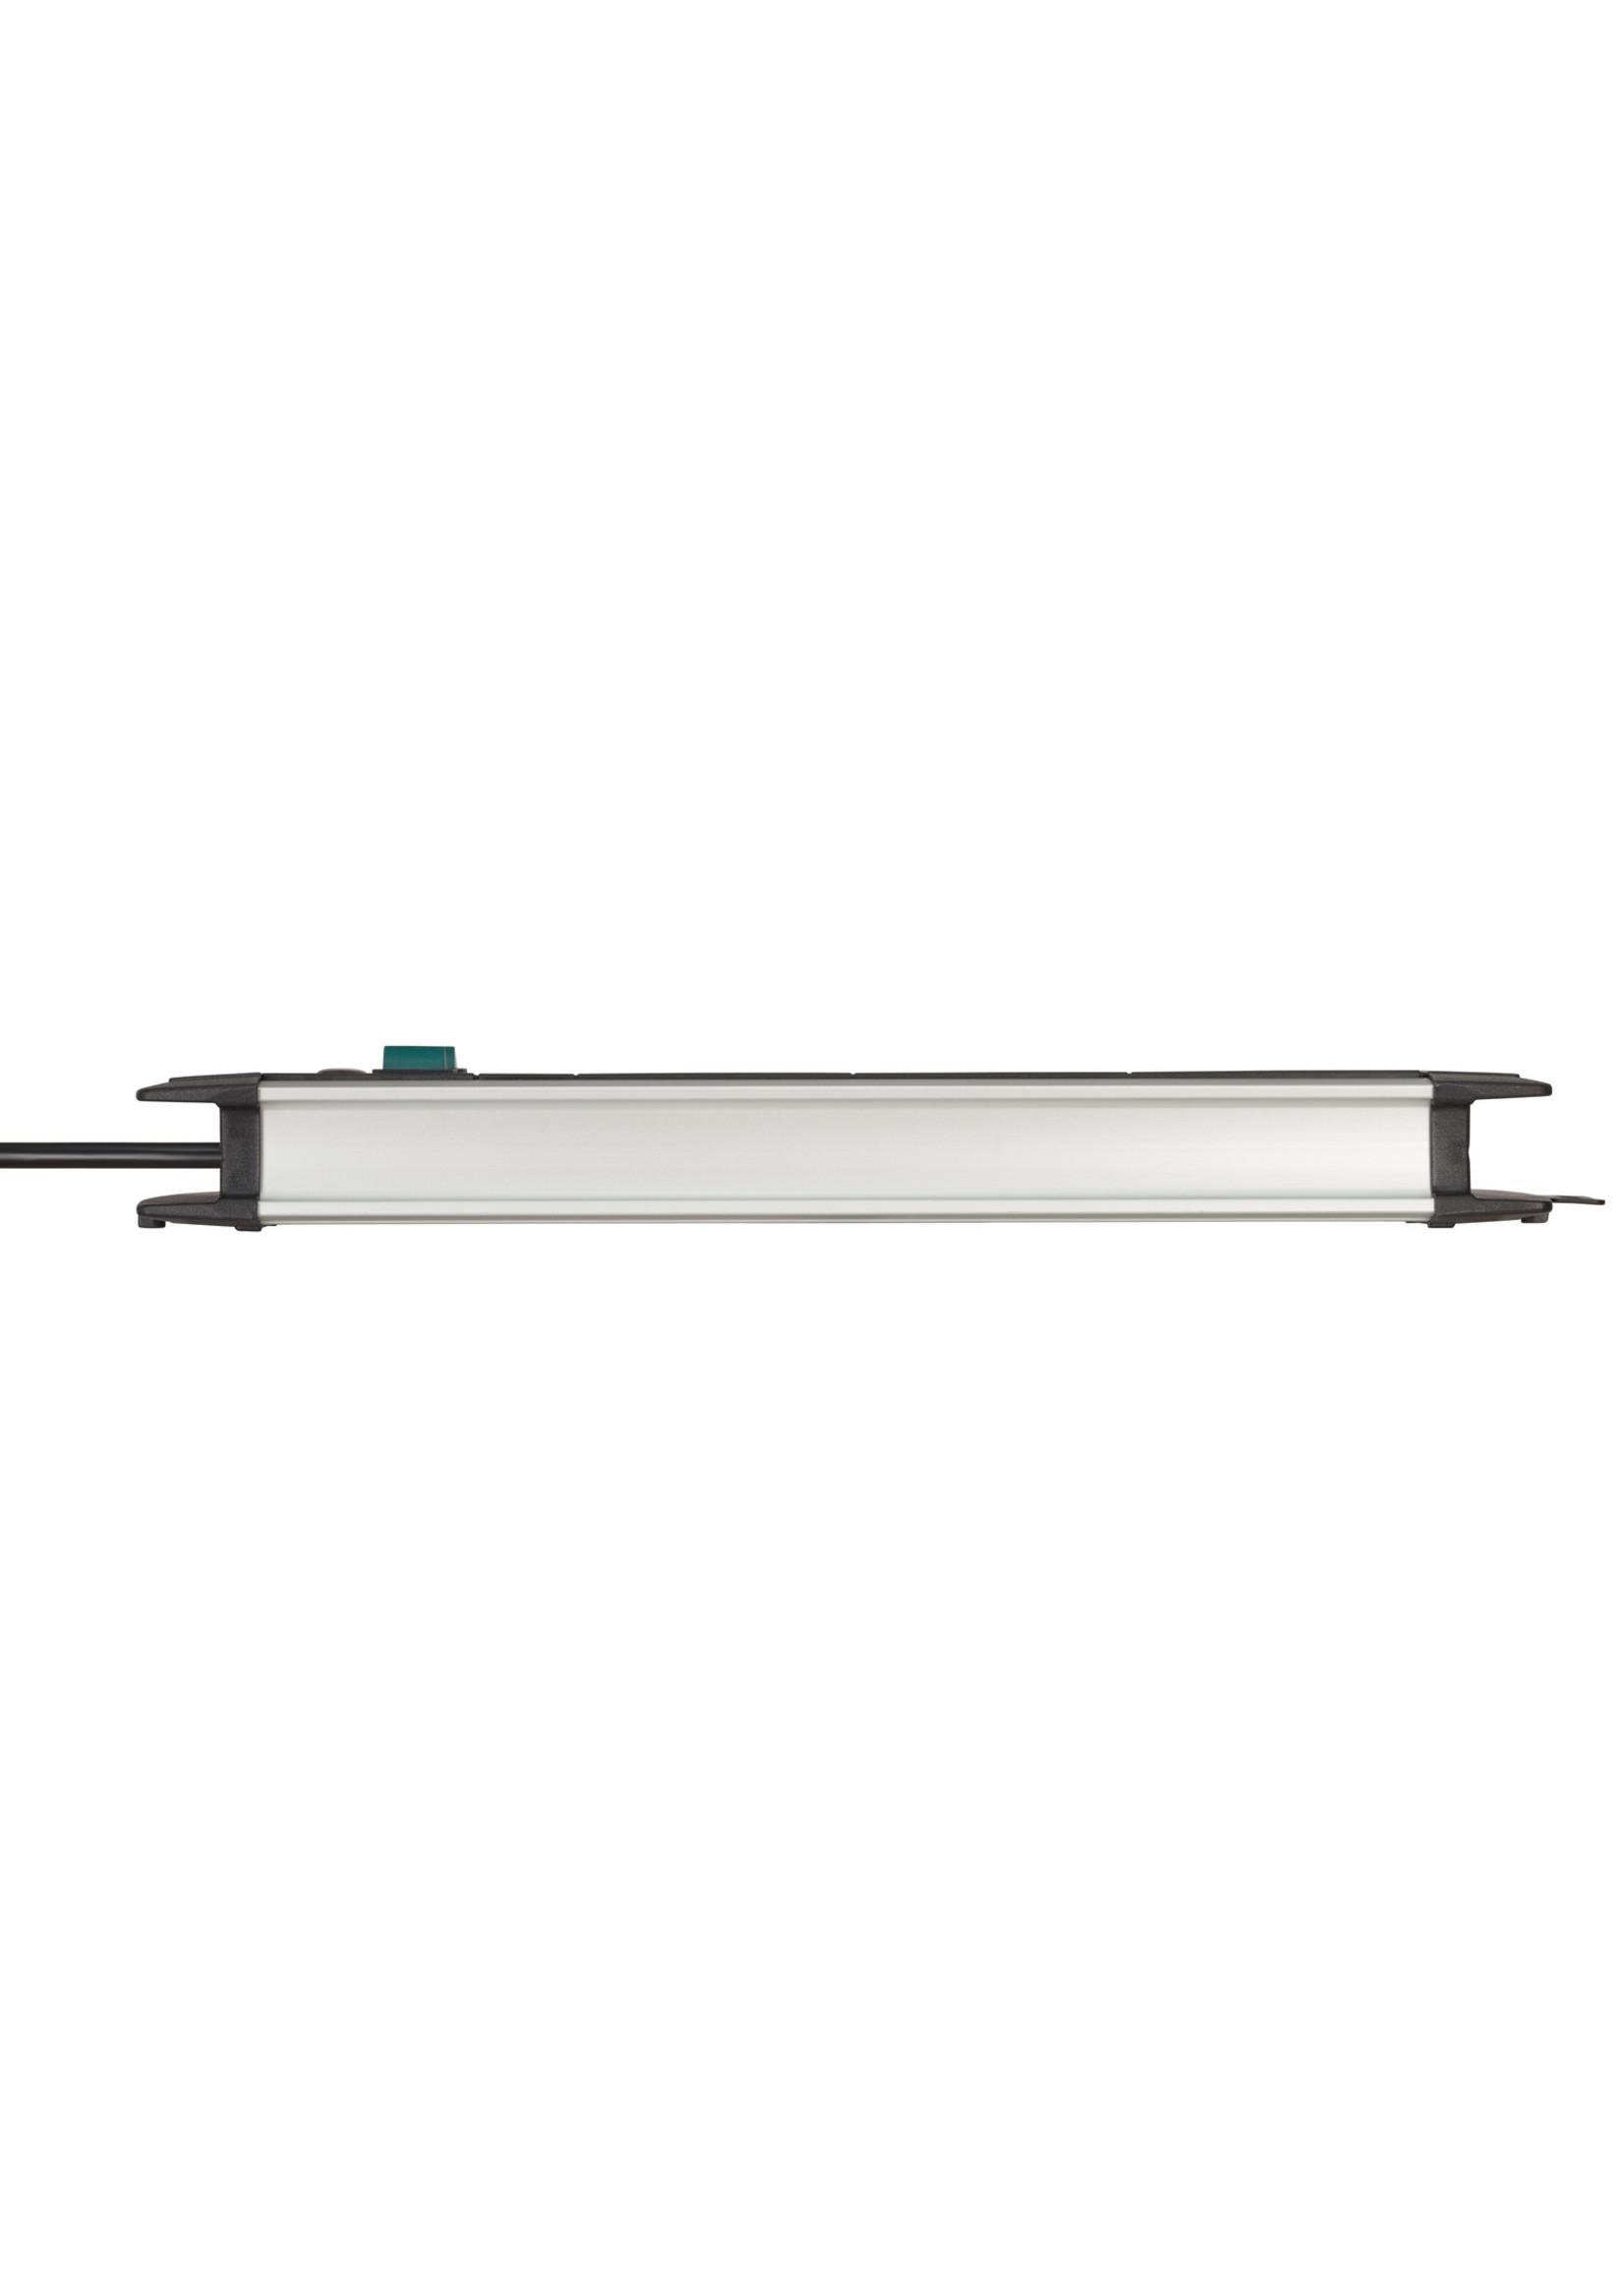 Brennenstuhl Brennenstuhl Premium-Alu-Line Technics stekkerdoos met 12 contacten (2x6) / zwart - 3 meter